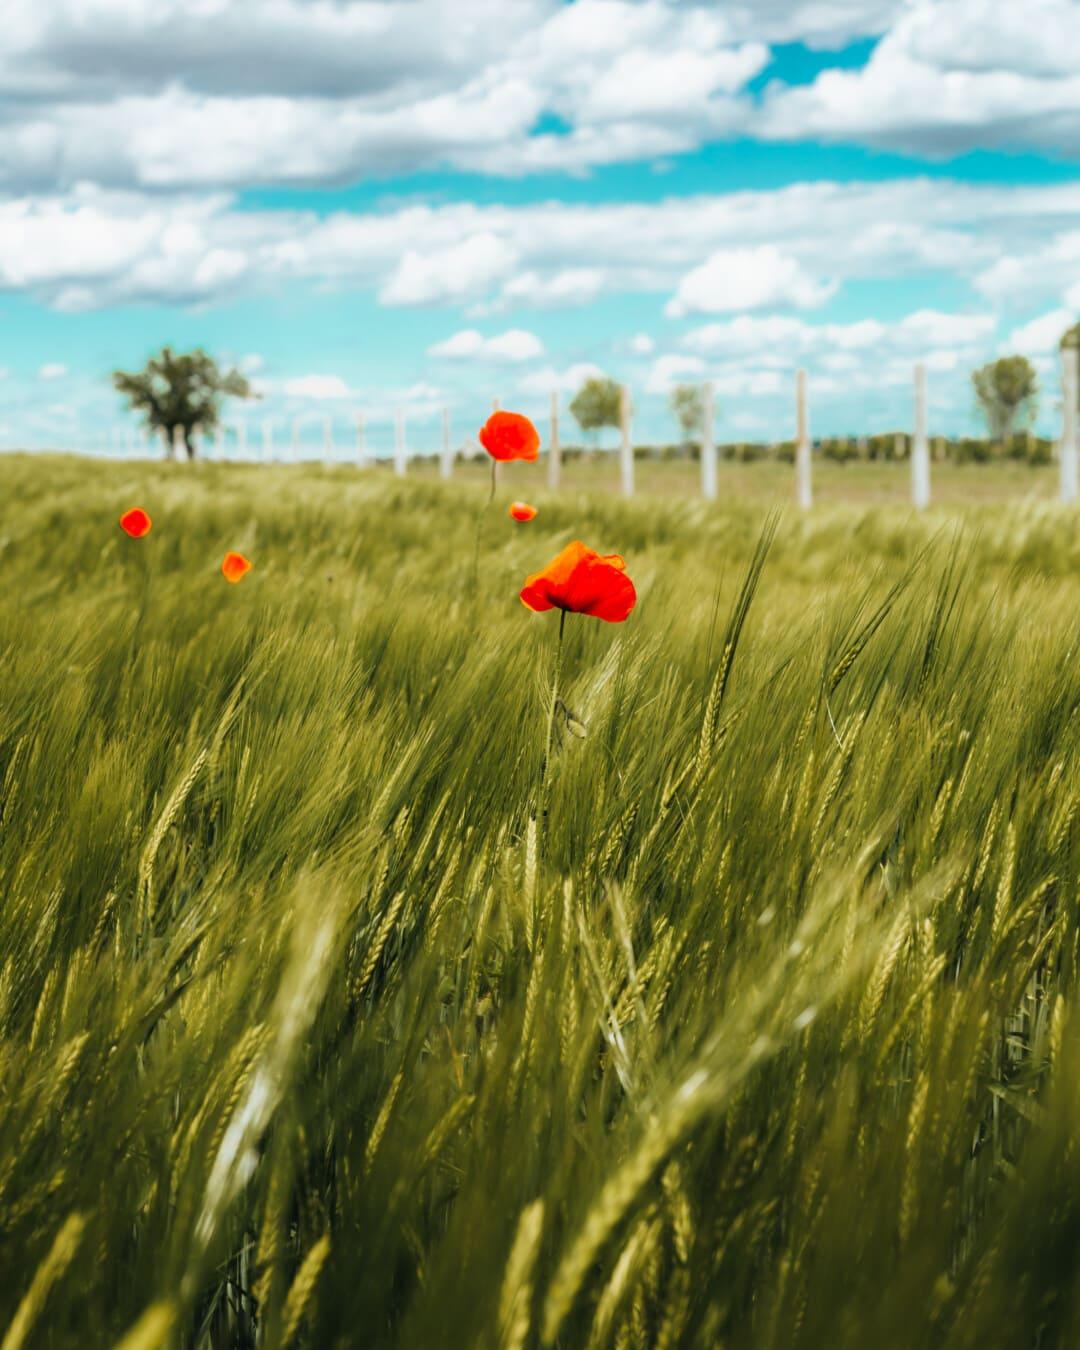 champ de blé, coquelicot, fleurs sauvages, journée, ensoleillée, domaine, soleil, blé, céréale, rural